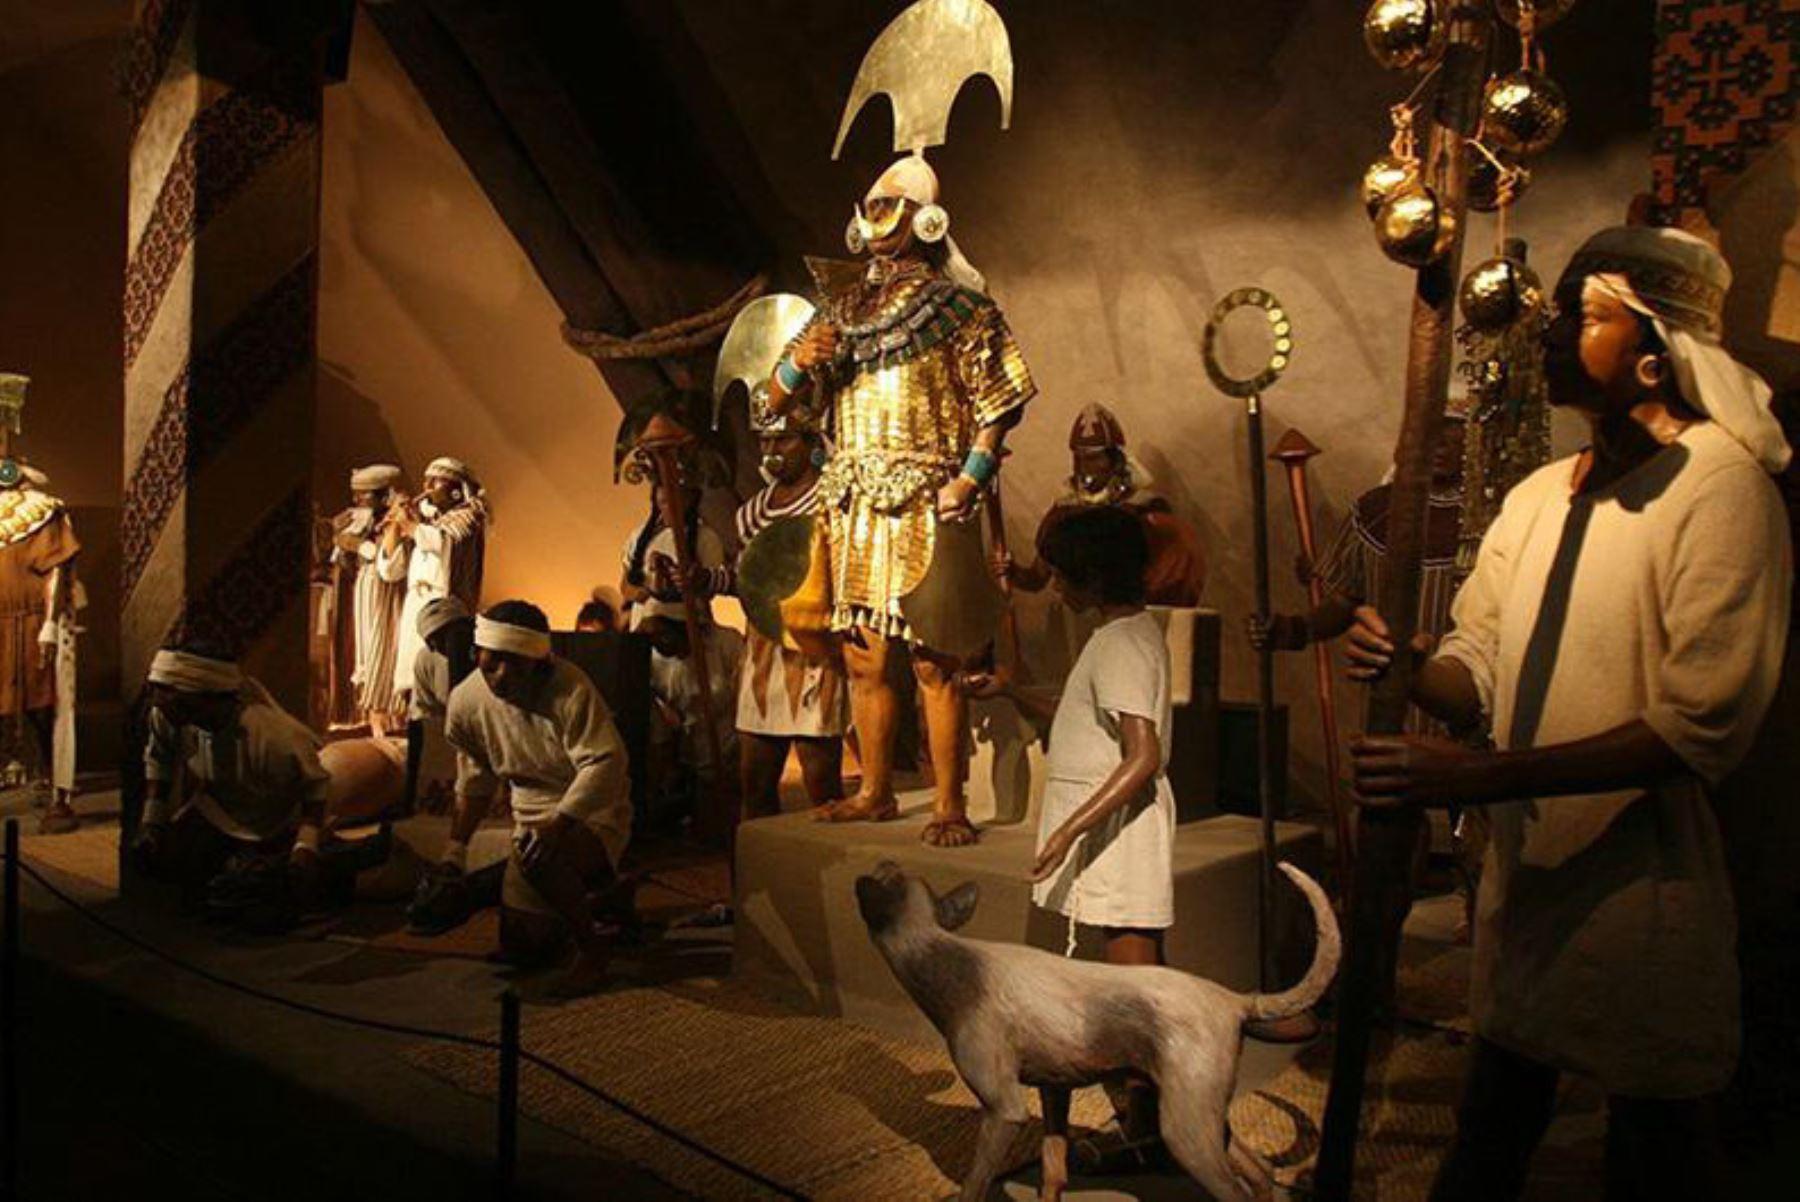 Casa Real se exhibe en el Museo Tumbas Reales de Sipán, ubicado en la norteña región de Lambayeque.